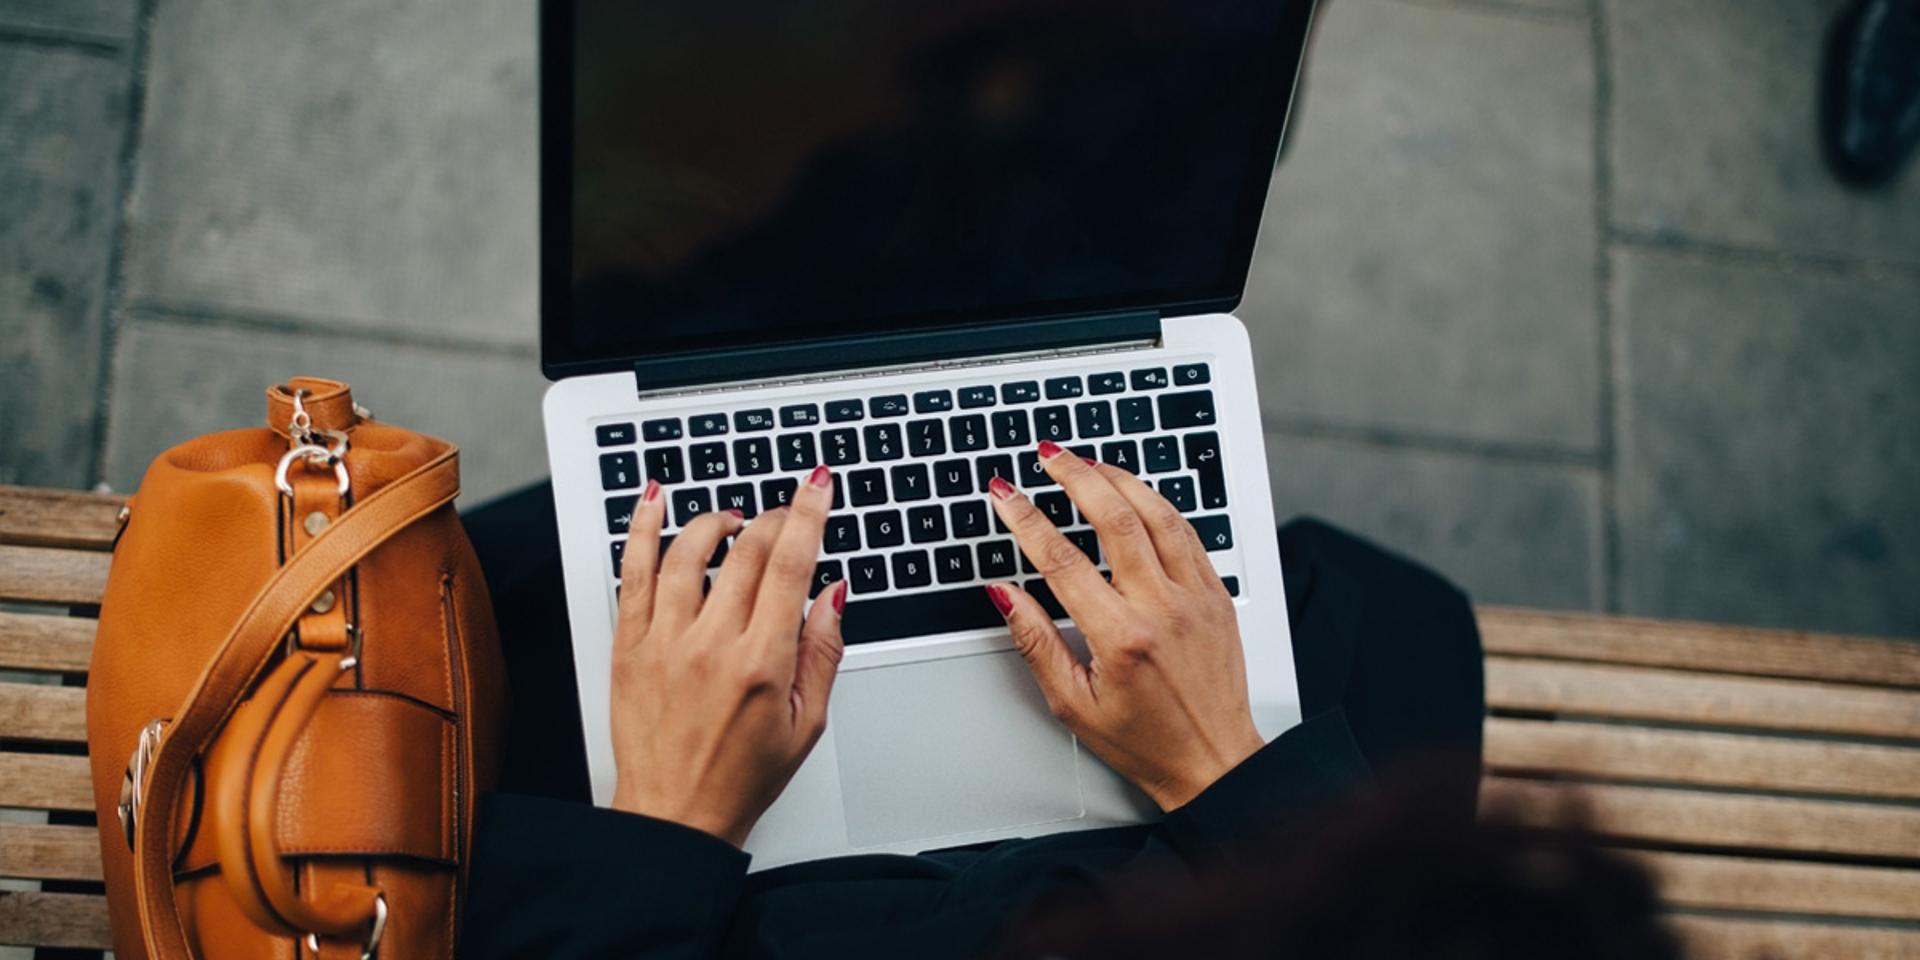 Personalvermittlung von Softwareentwicklern, Helpdesk- bzw. IT-Support-Personal und weiteren IT-Fachkräften.